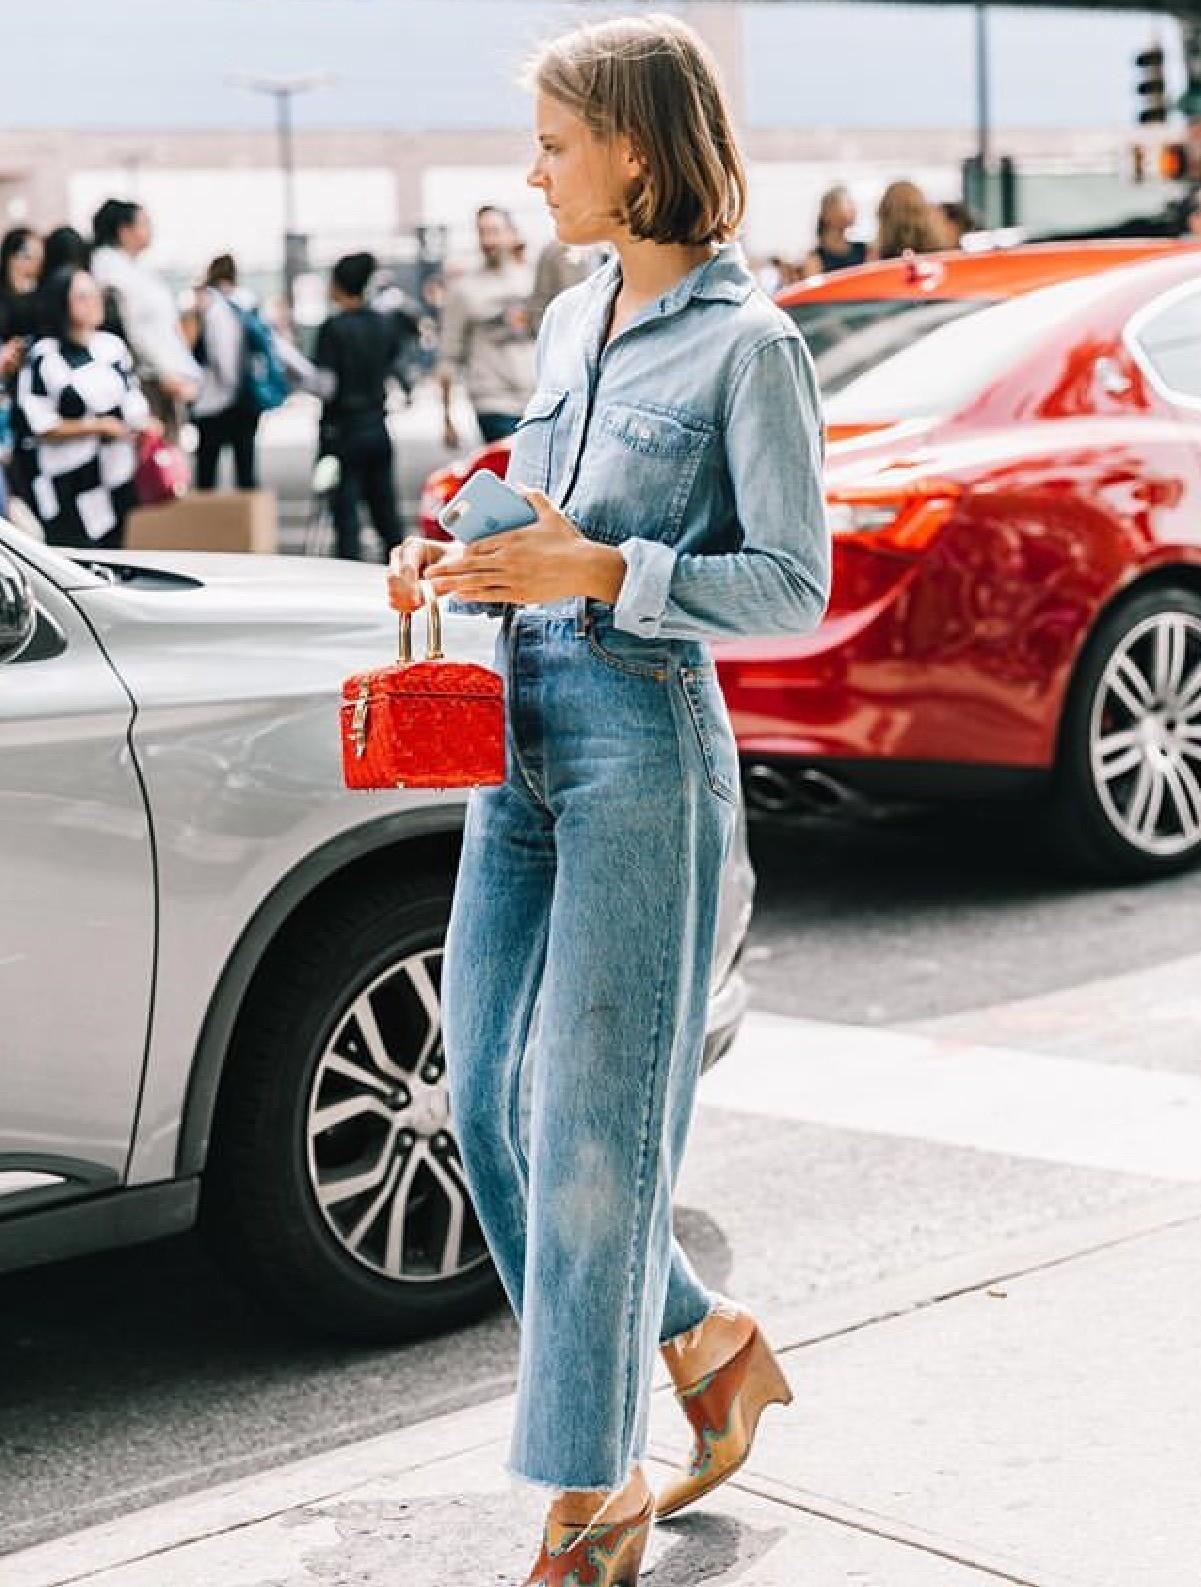 В текущем сезоне дизайнеры и стилисты призывают одеться в деним с ног до головы. Так что смело можешь носить джинсовую рубашку с джинсами и курткой из денима. Однако, чтобы у тебя не полу...